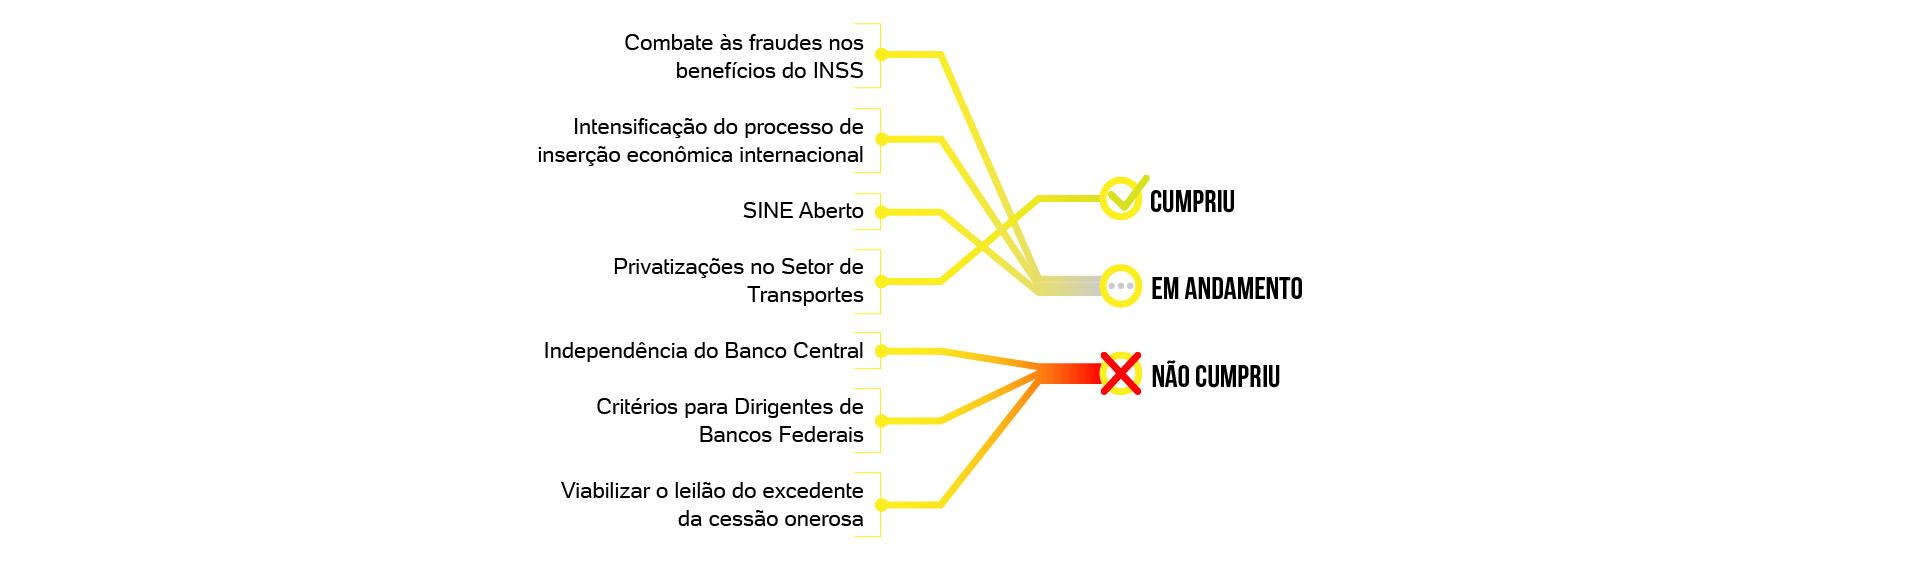 B 100 dias de governo de Jair Bolsonaro